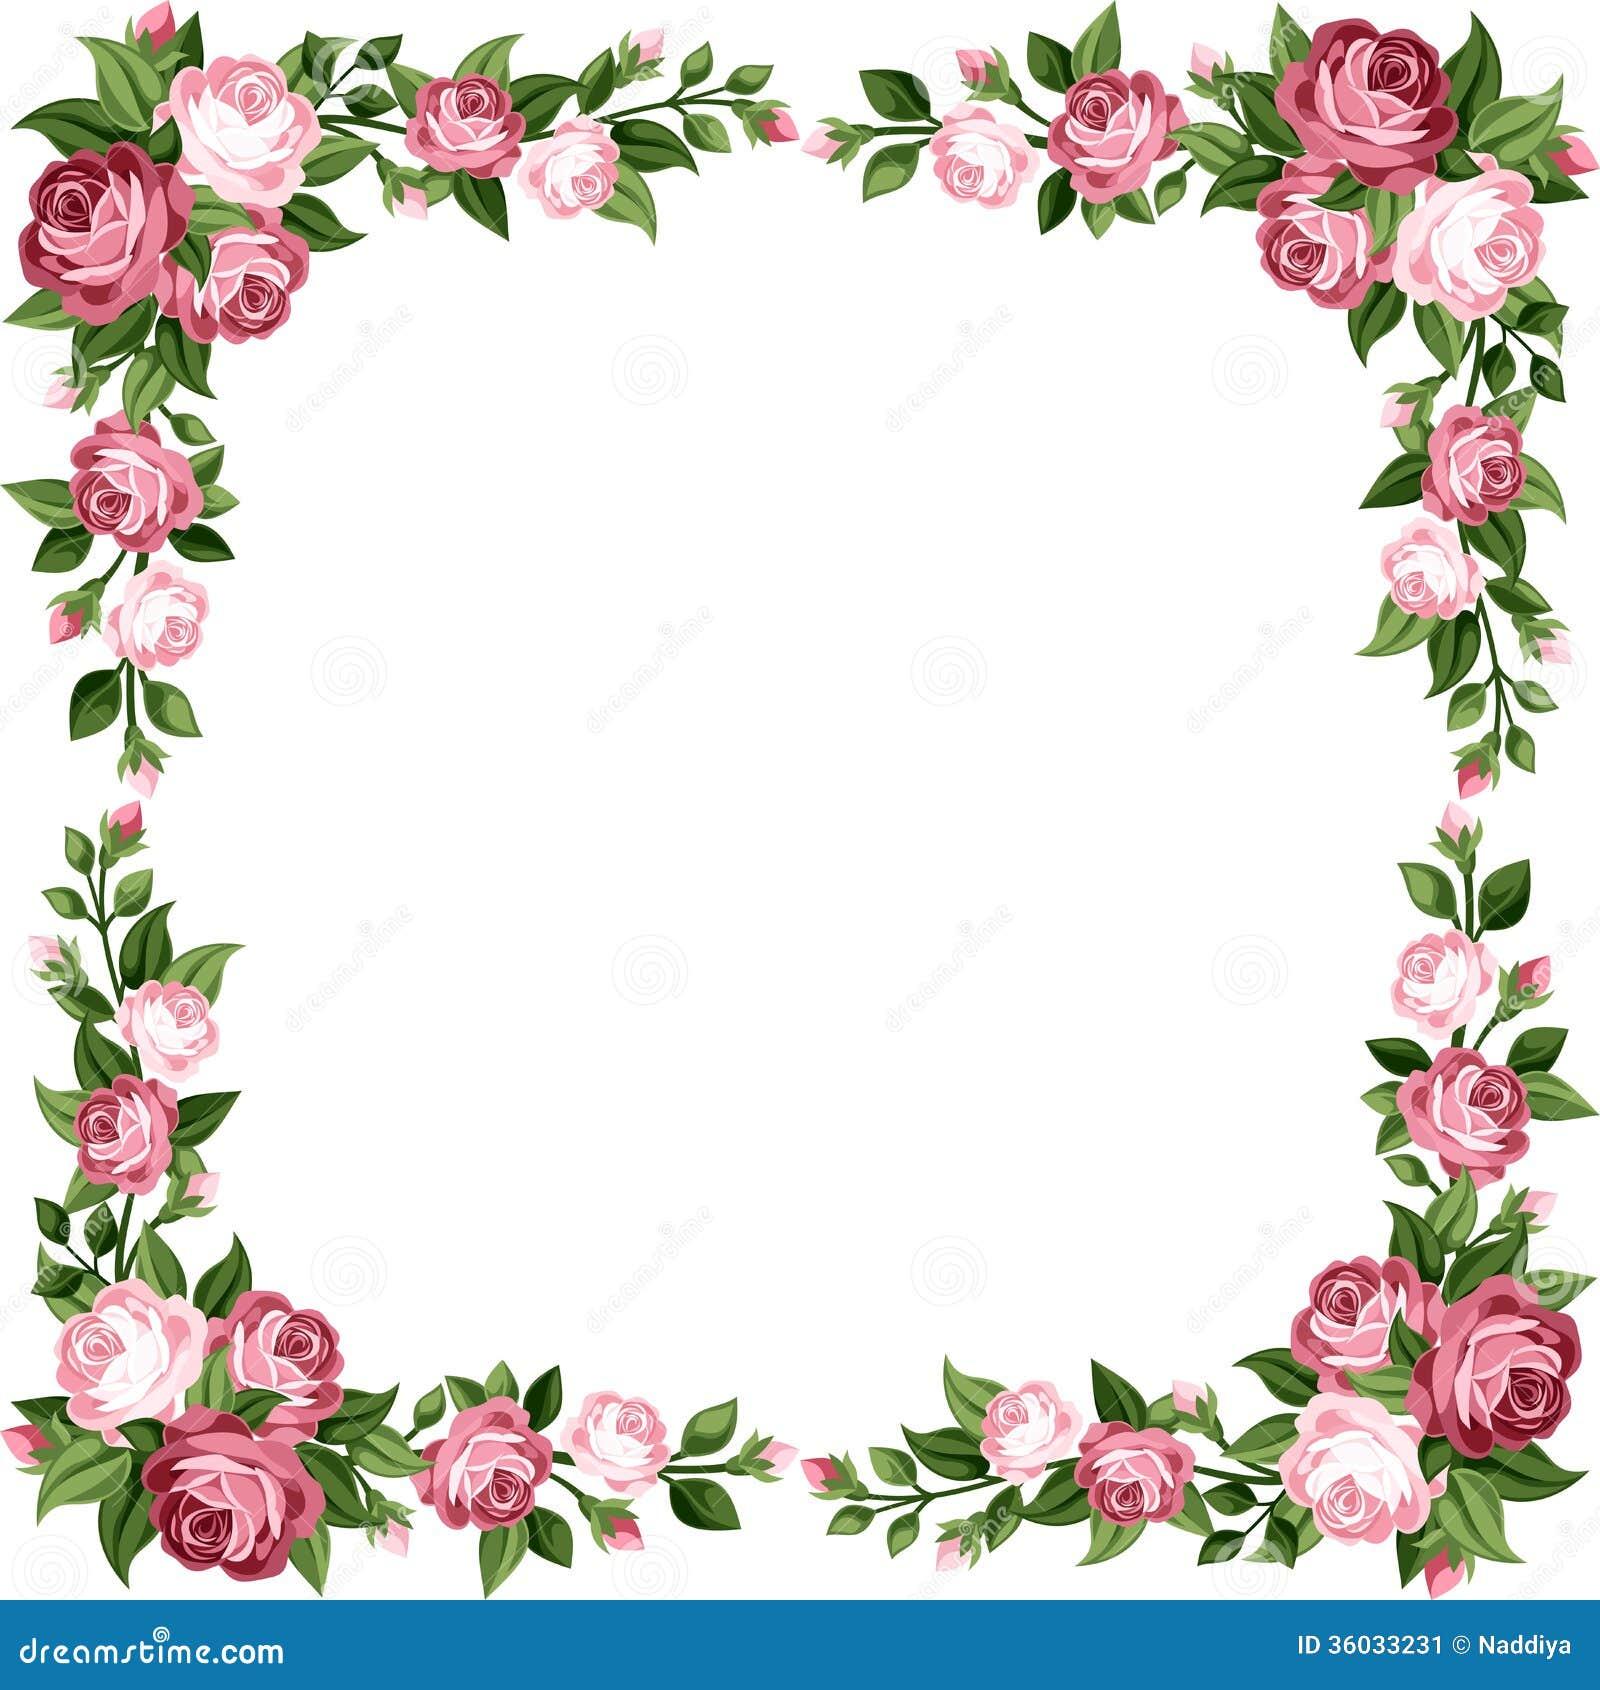 Uitstekend Kader Met Roze Rozen. Vector Illustratie - Afbeelding: 36033231